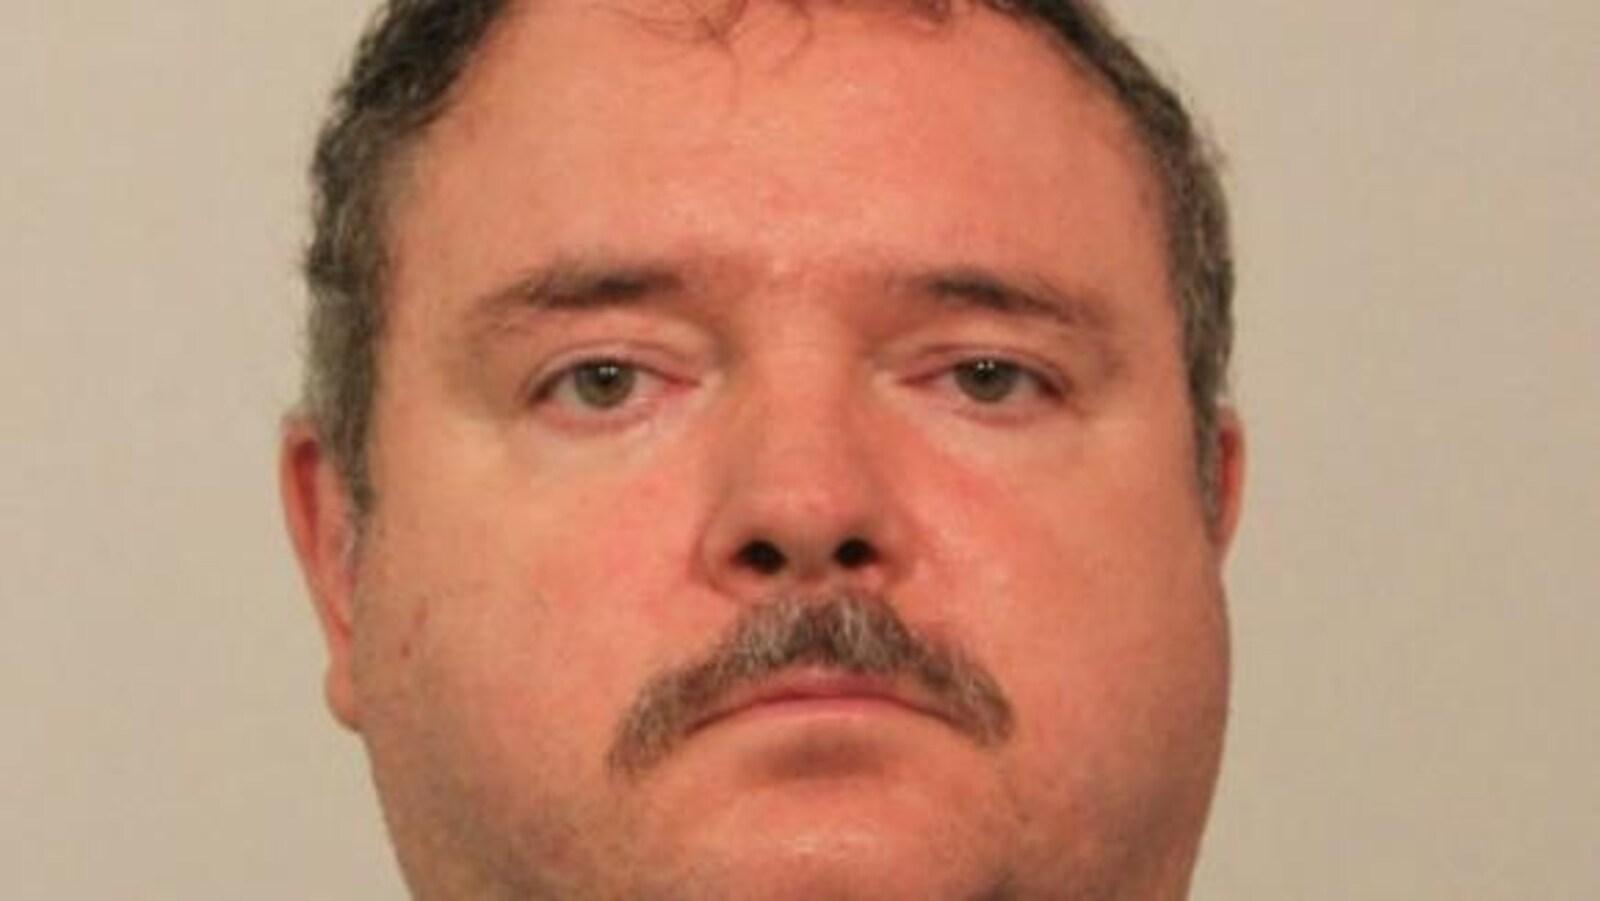 Une photo d'identité judiciaire montre le suspect Daniel Laframboise.